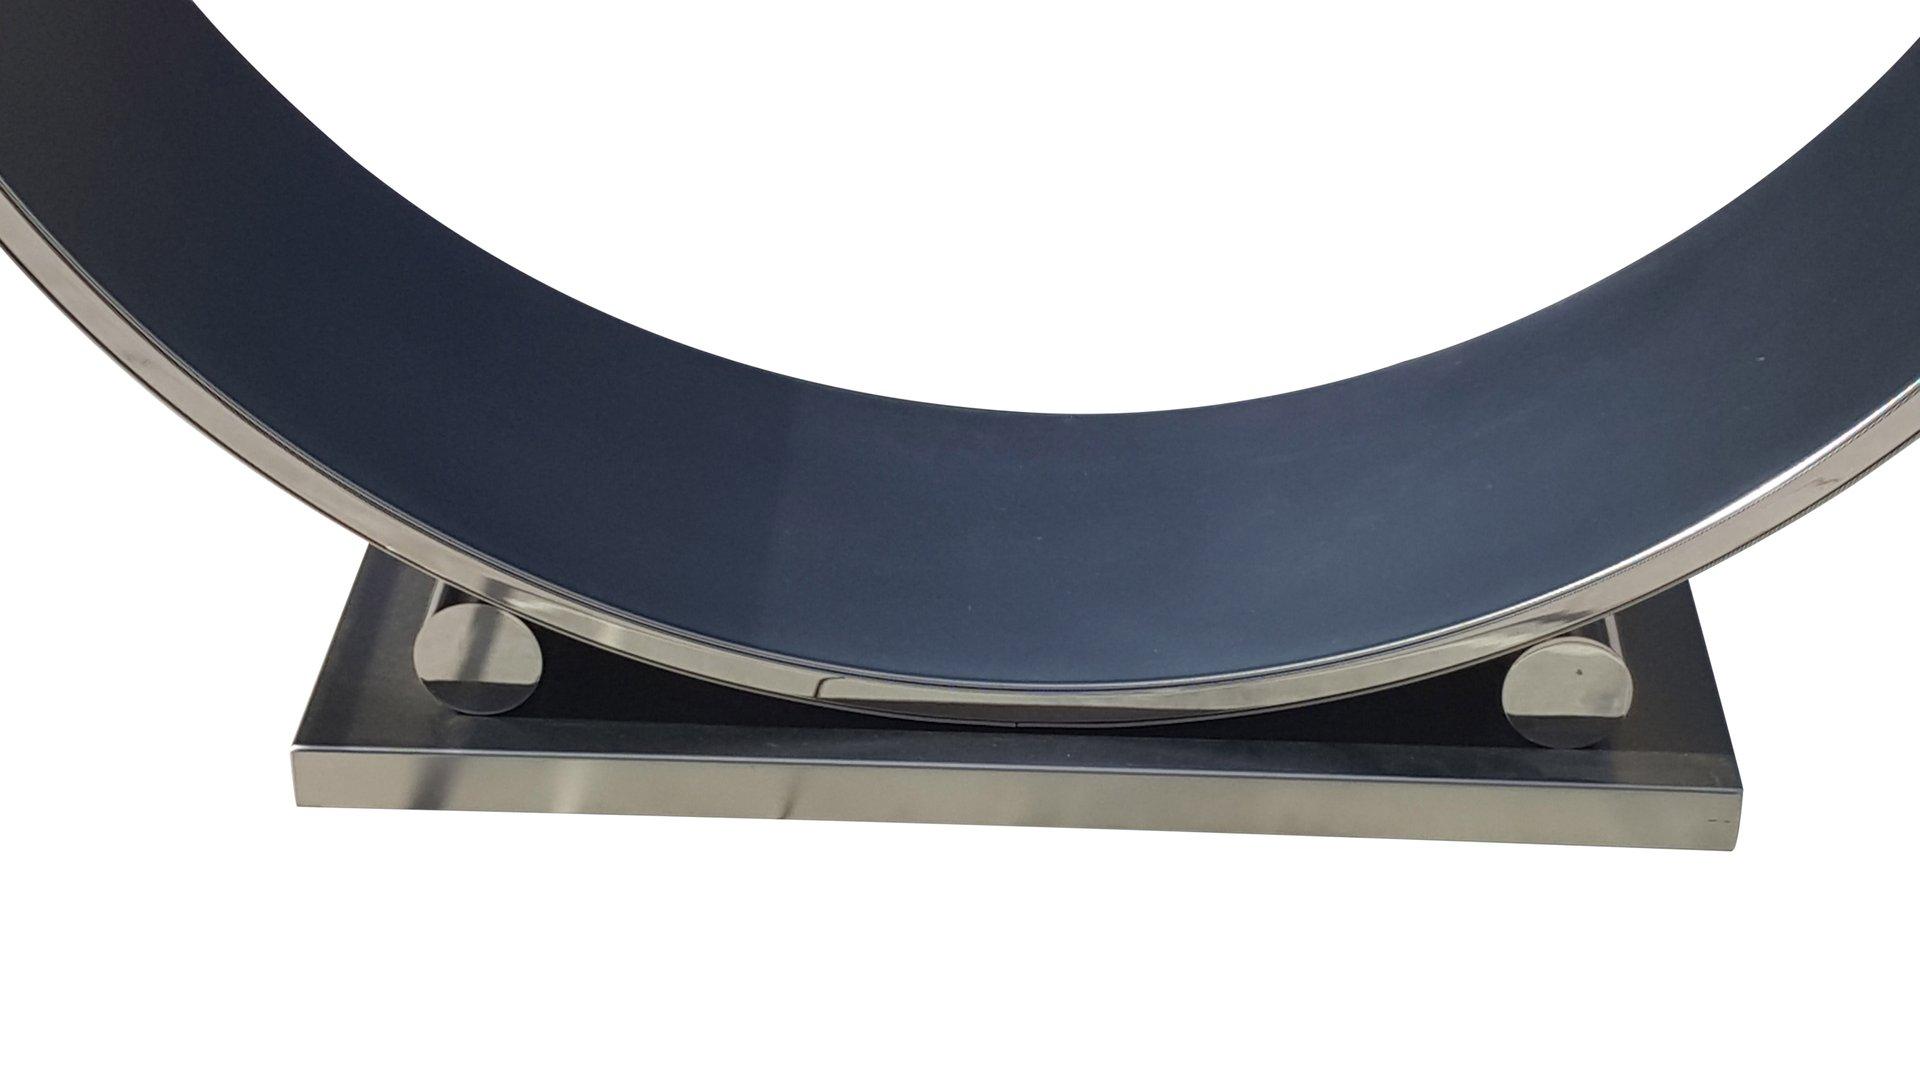 table de salle manger vintage de belgochrom en vente sur. Black Bedroom Furniture Sets. Home Design Ideas